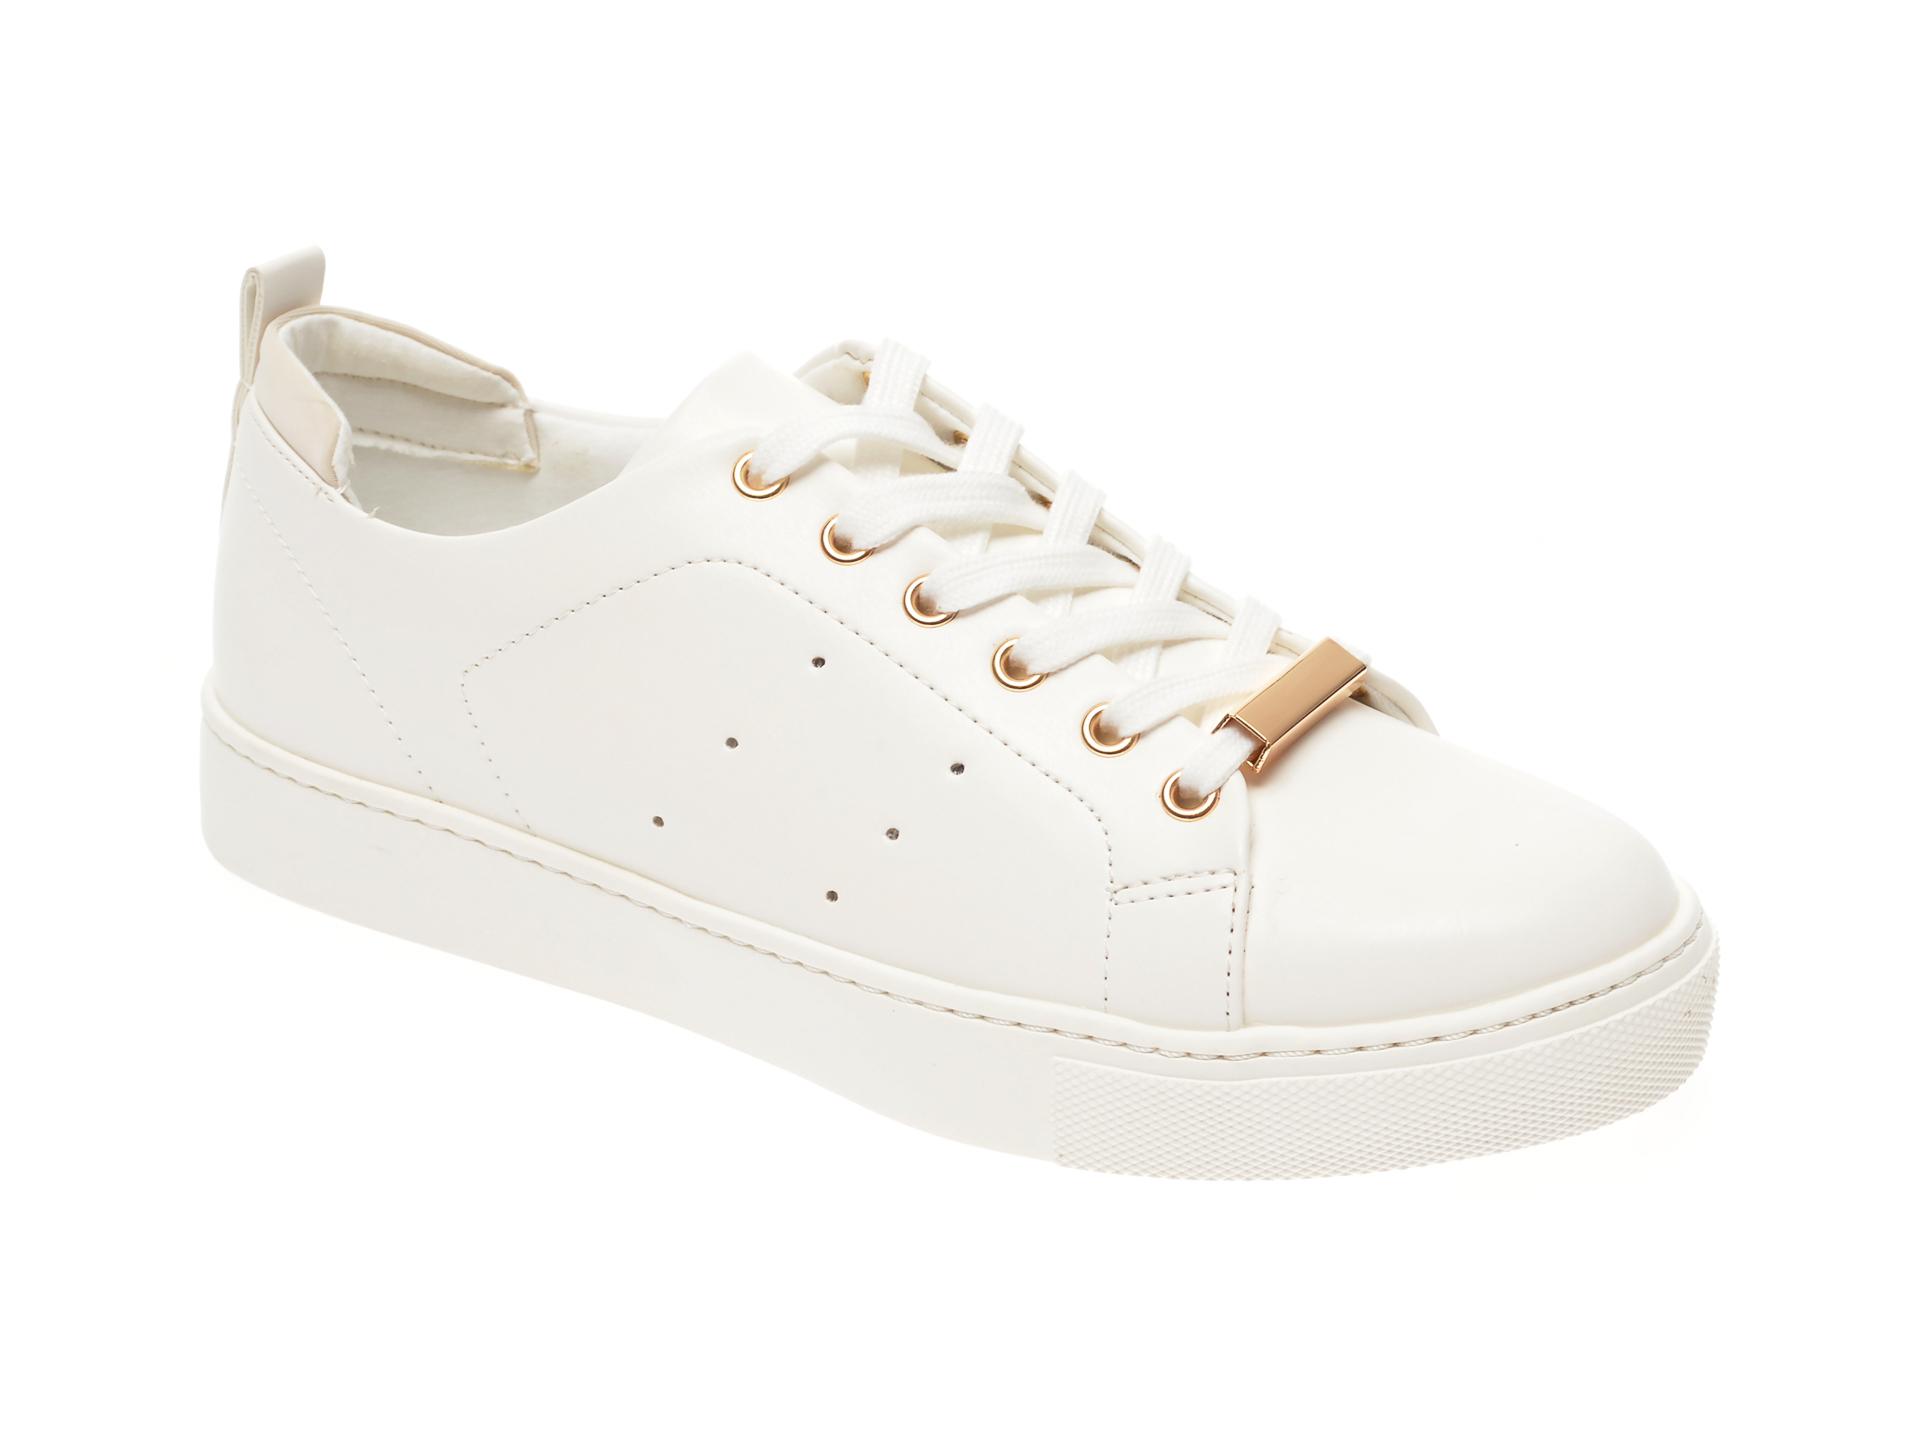 Pantofi sport ALDO albi, Mirarevia100, din piele ecologica imagine